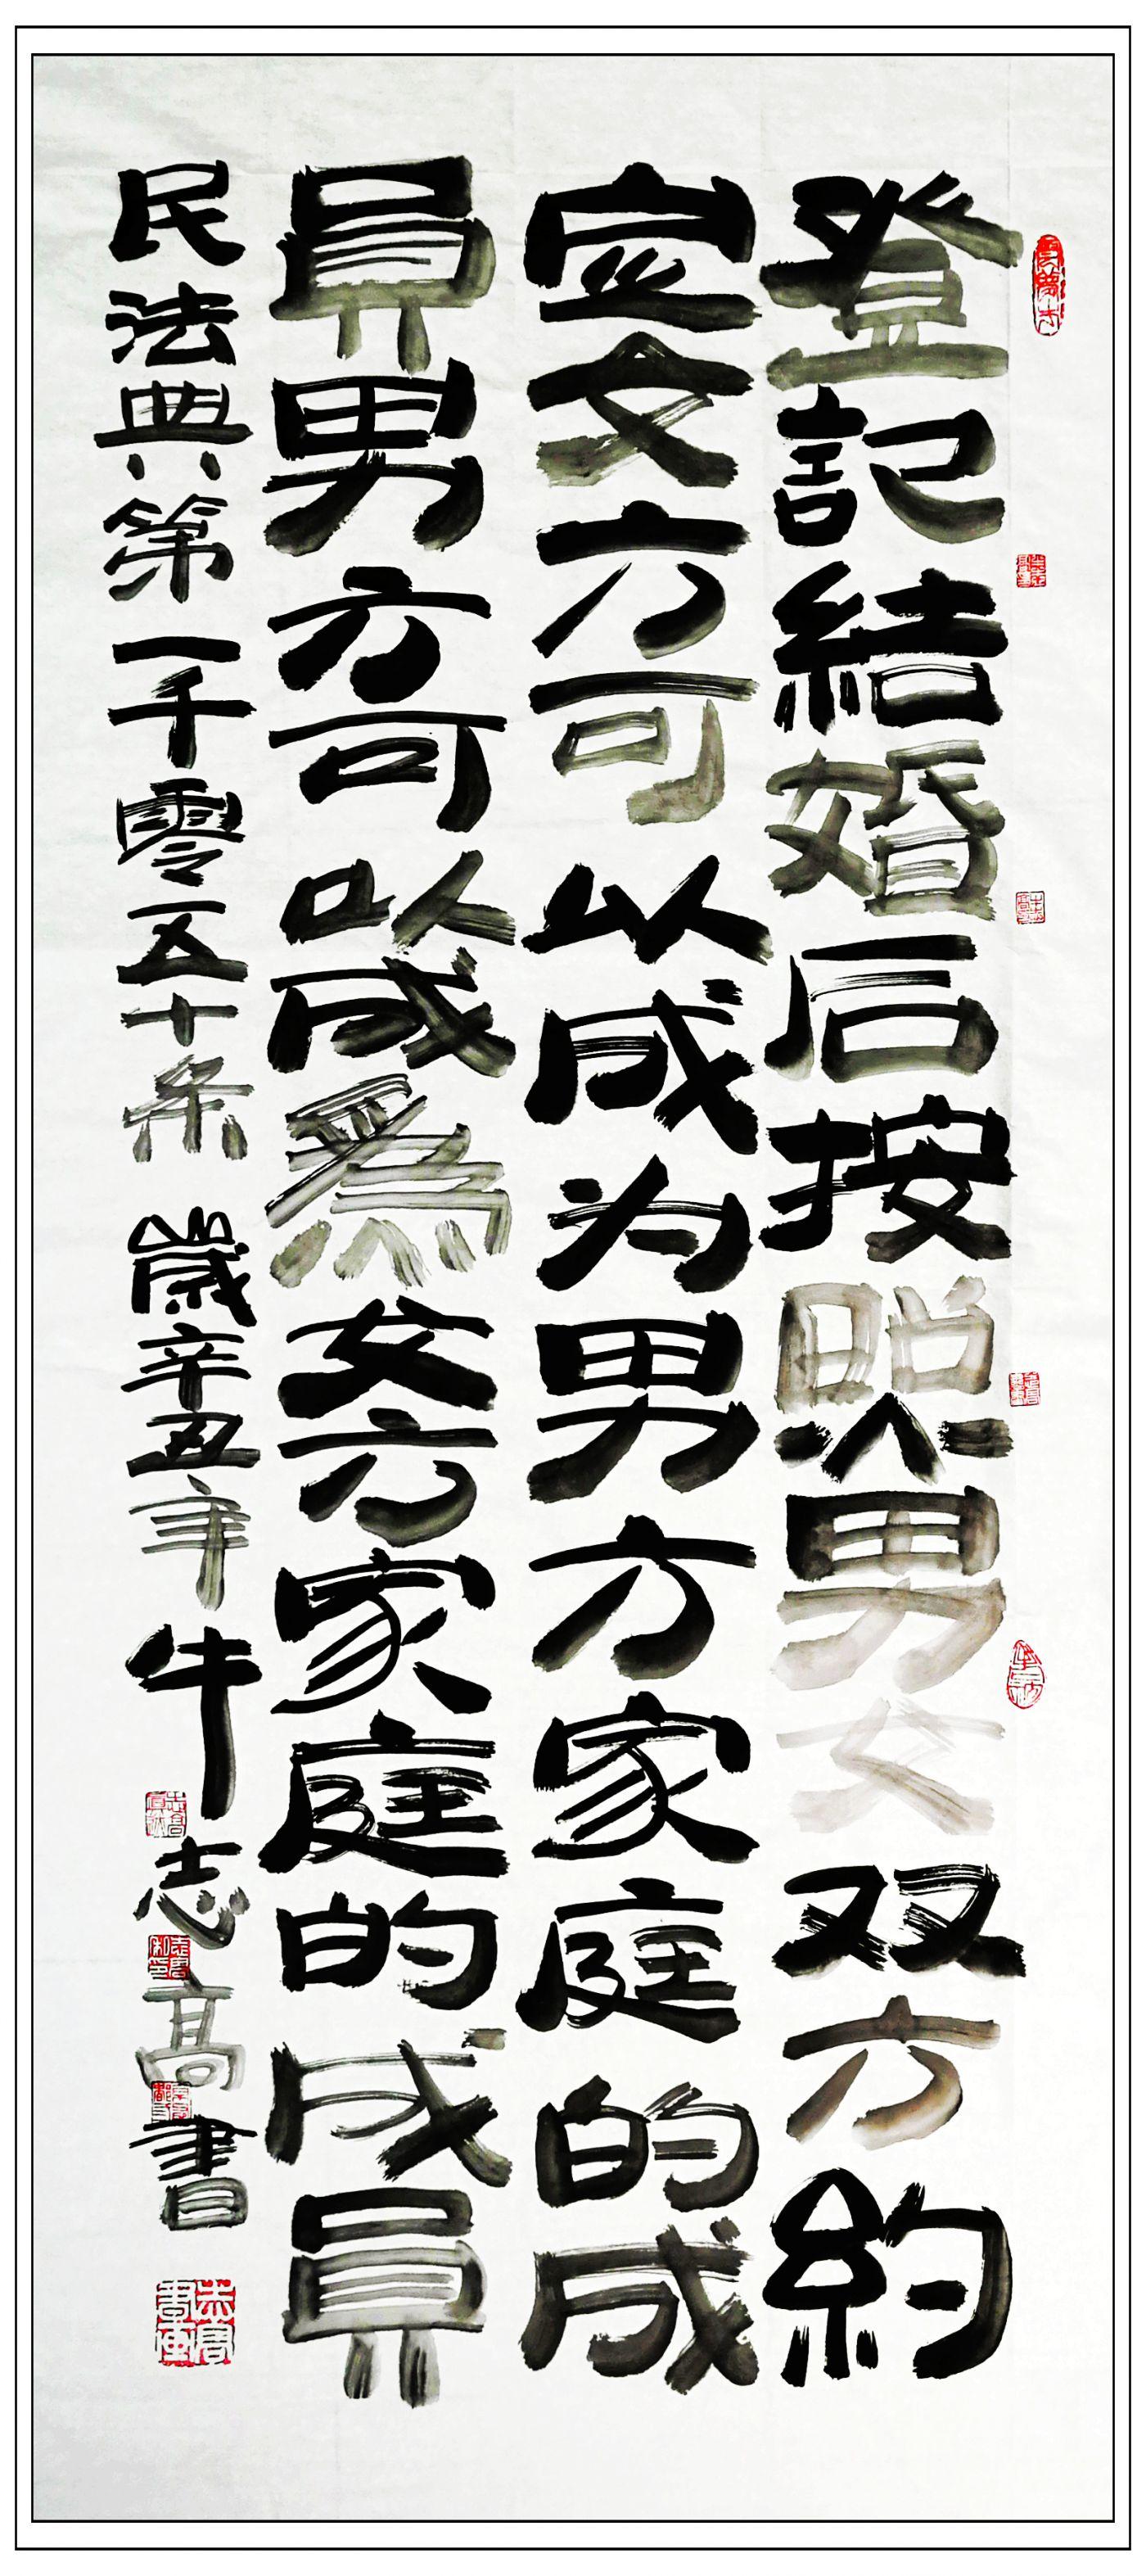 牛志高书     民法典------------2021.03.18_图1-2